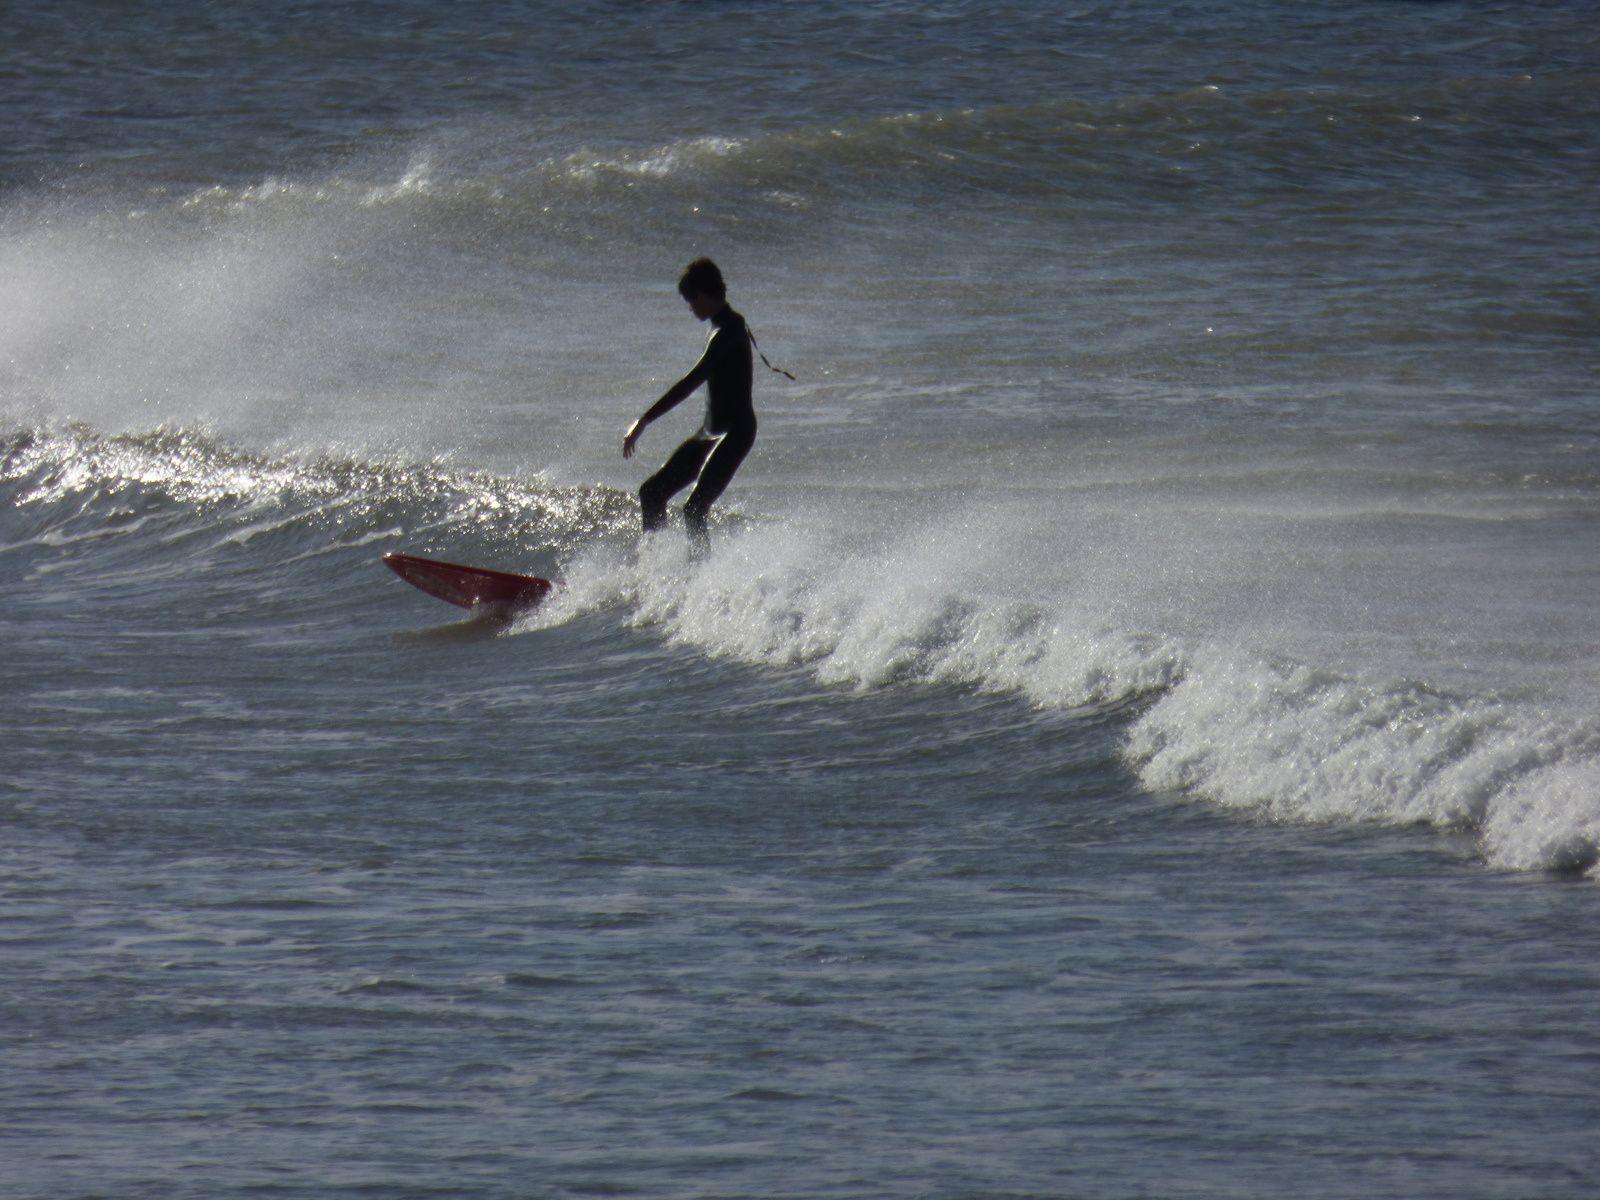 Petits surfeurs à l'eau....